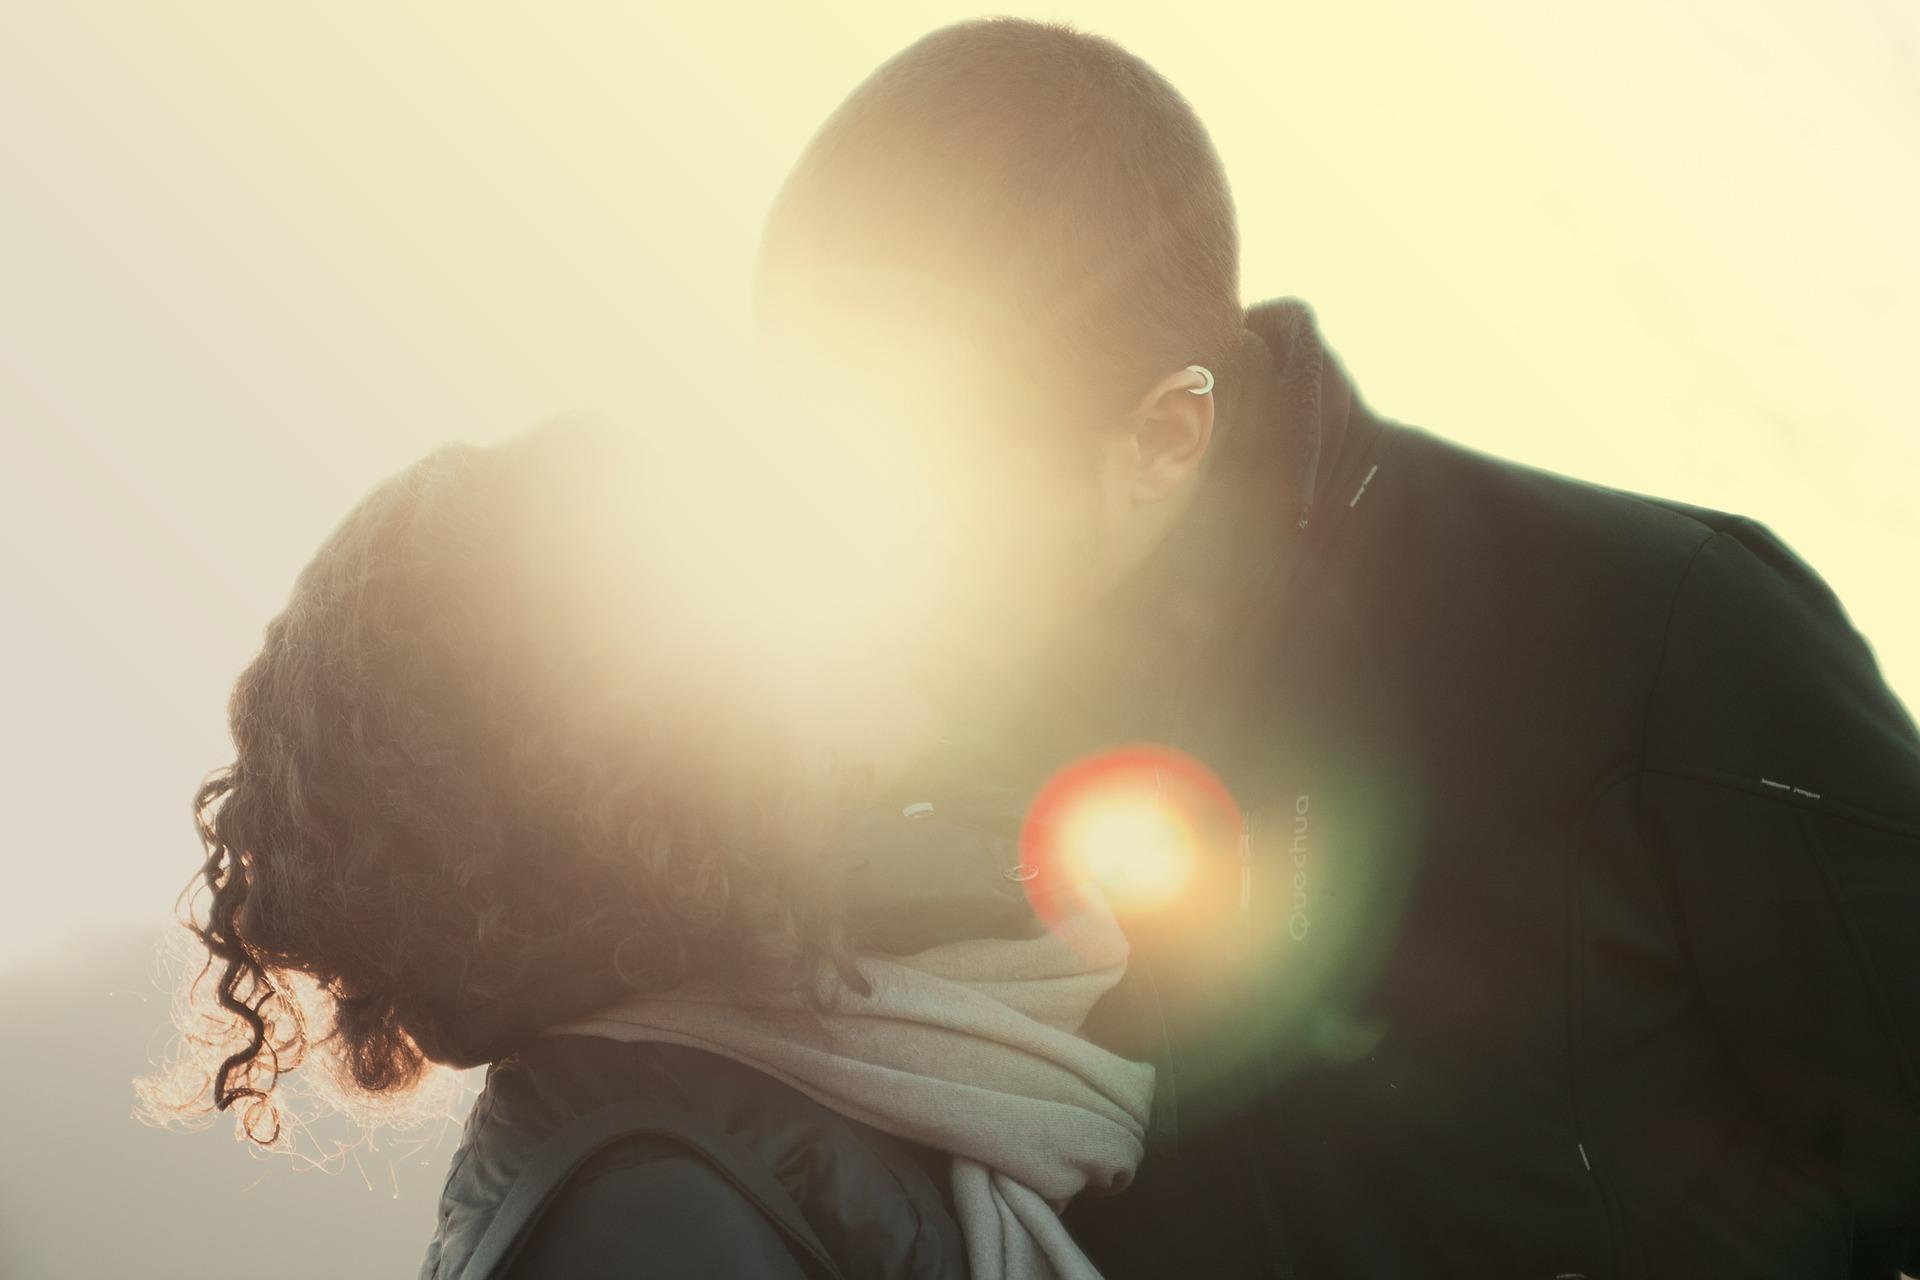 El enamoramiento verdadero y la acumulación de conciencia